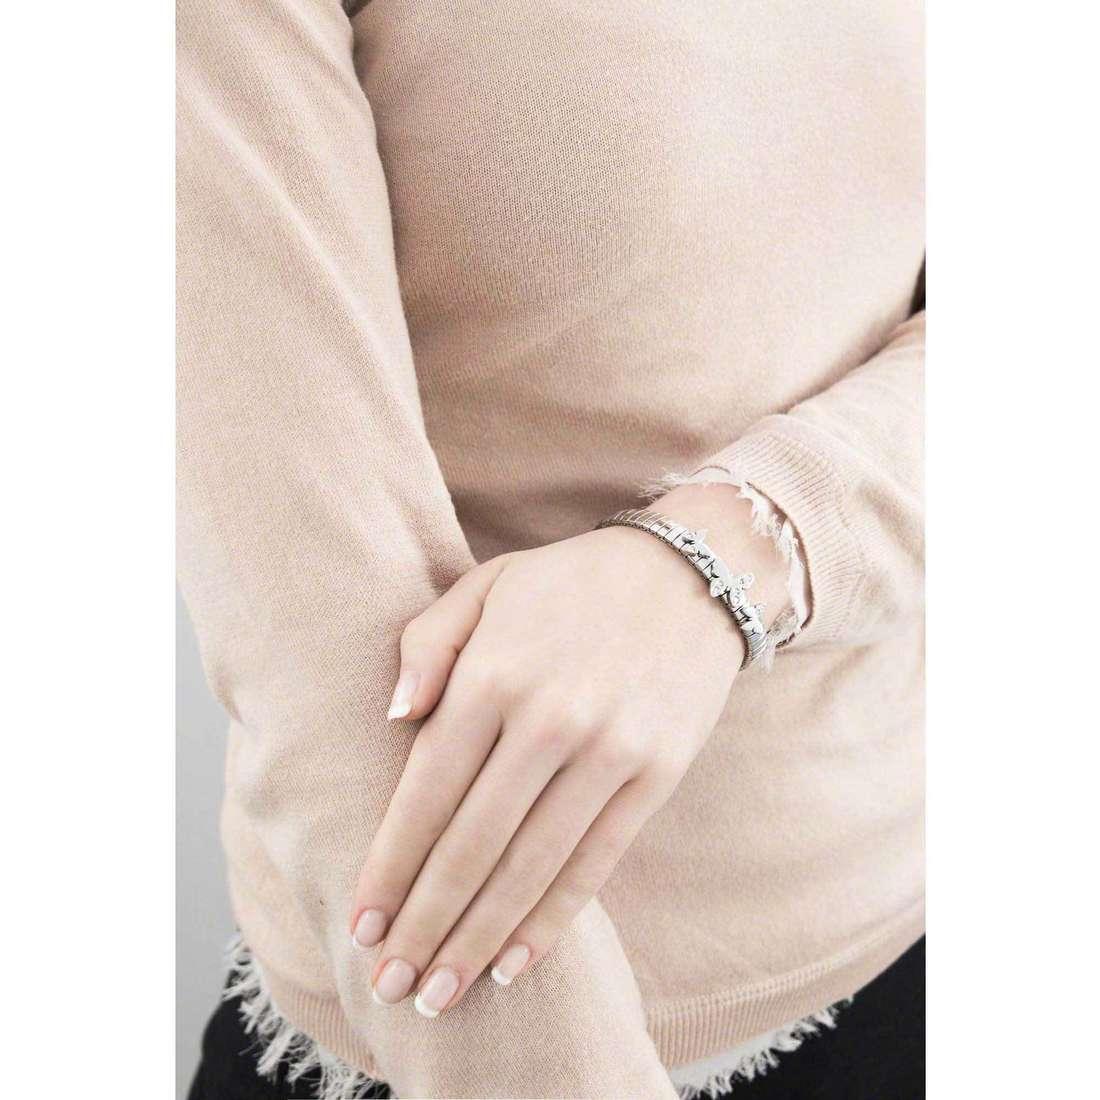 Nomination bracelets Butterfly femme 021300/001 indosso